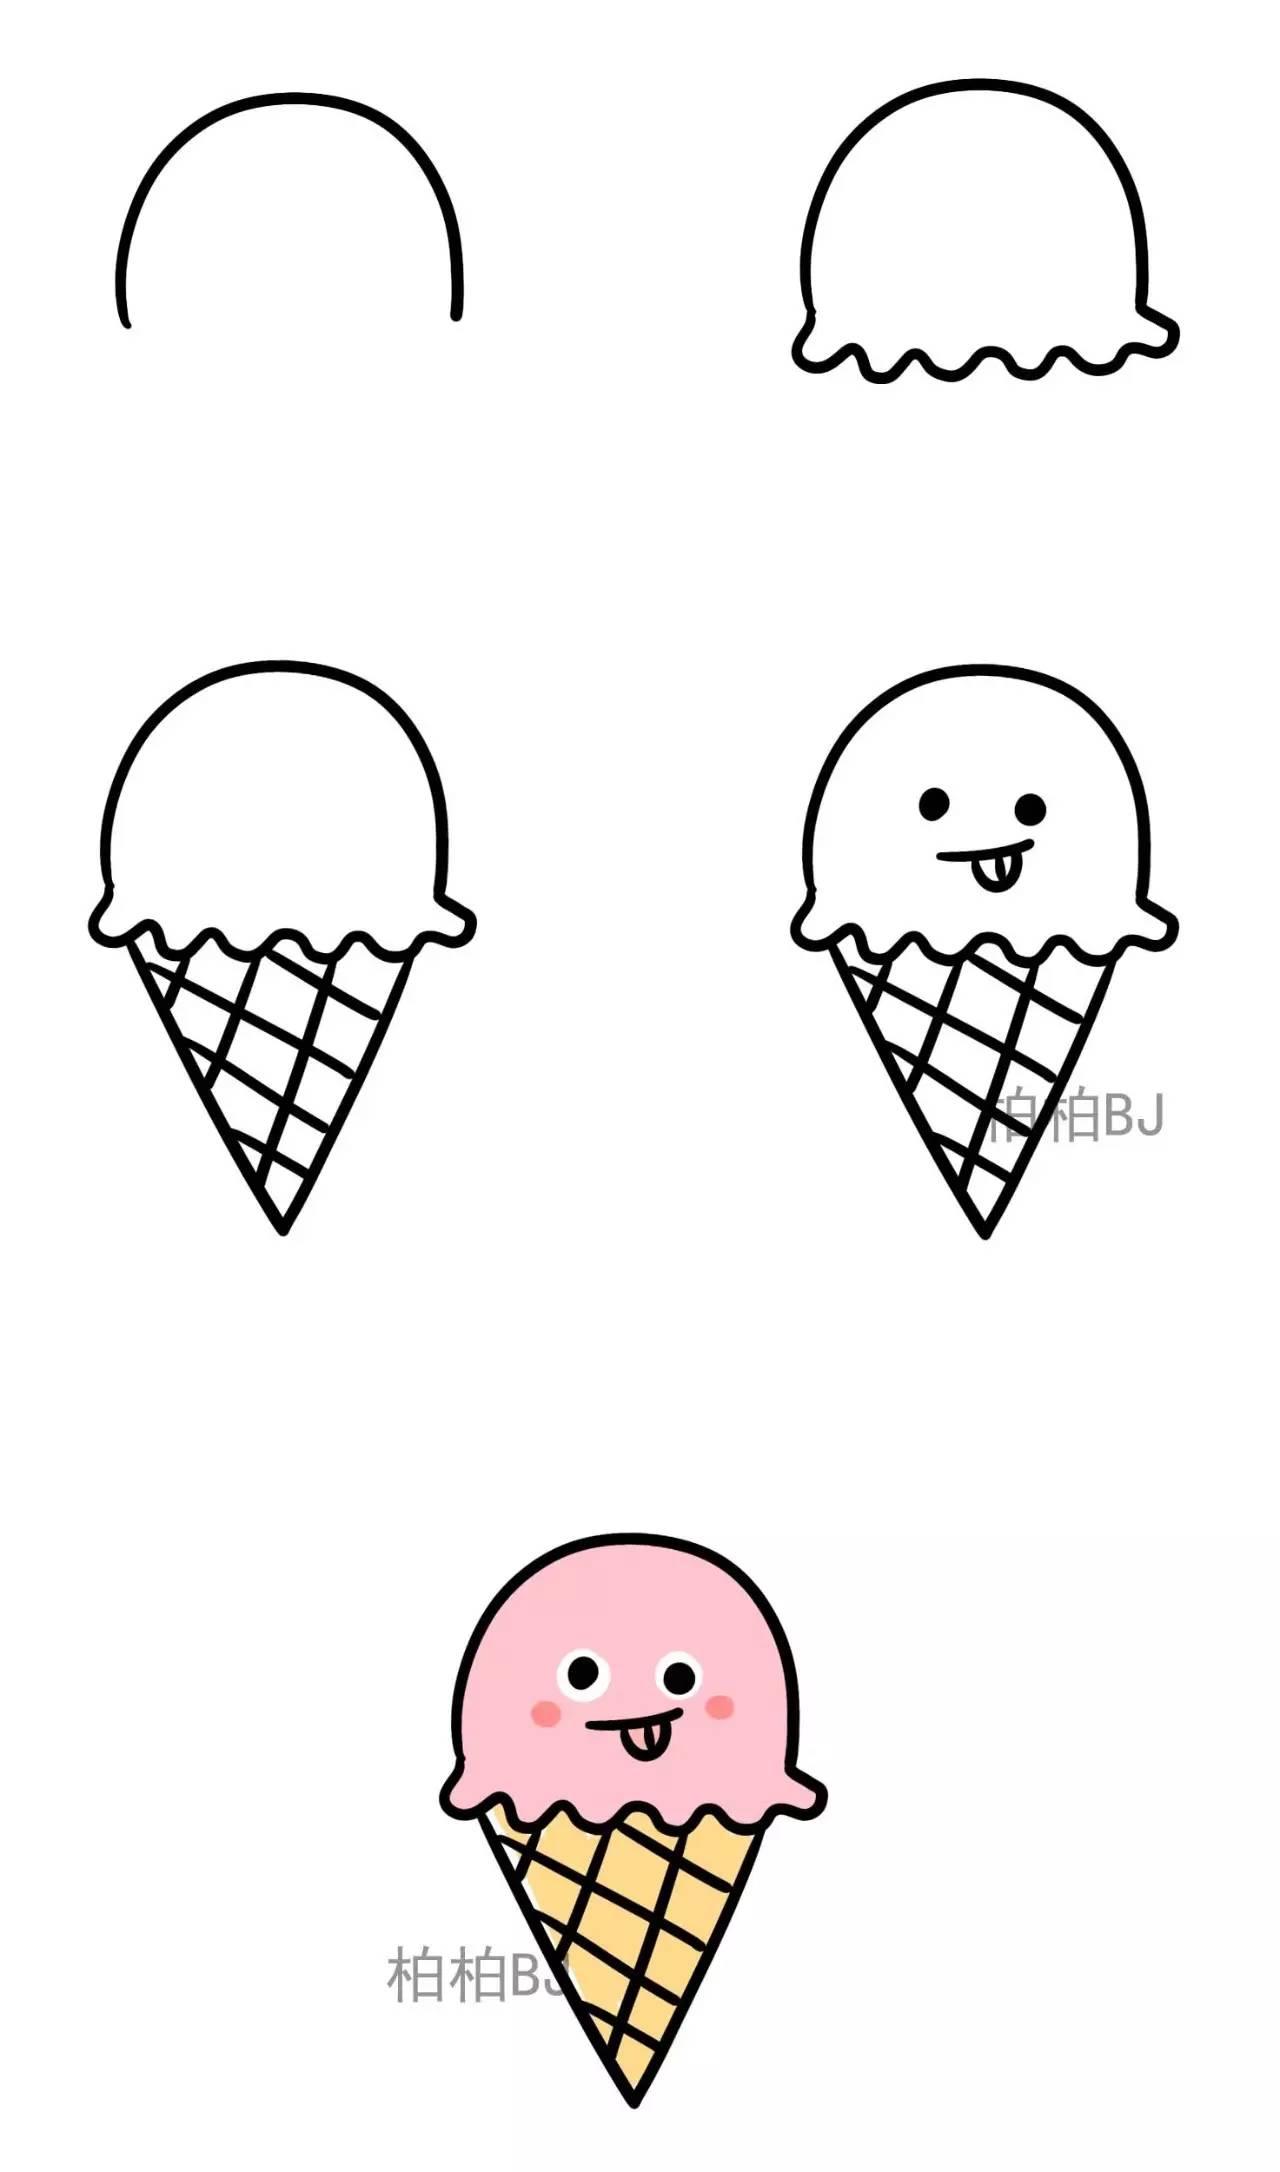 各种各样的冰淇淋